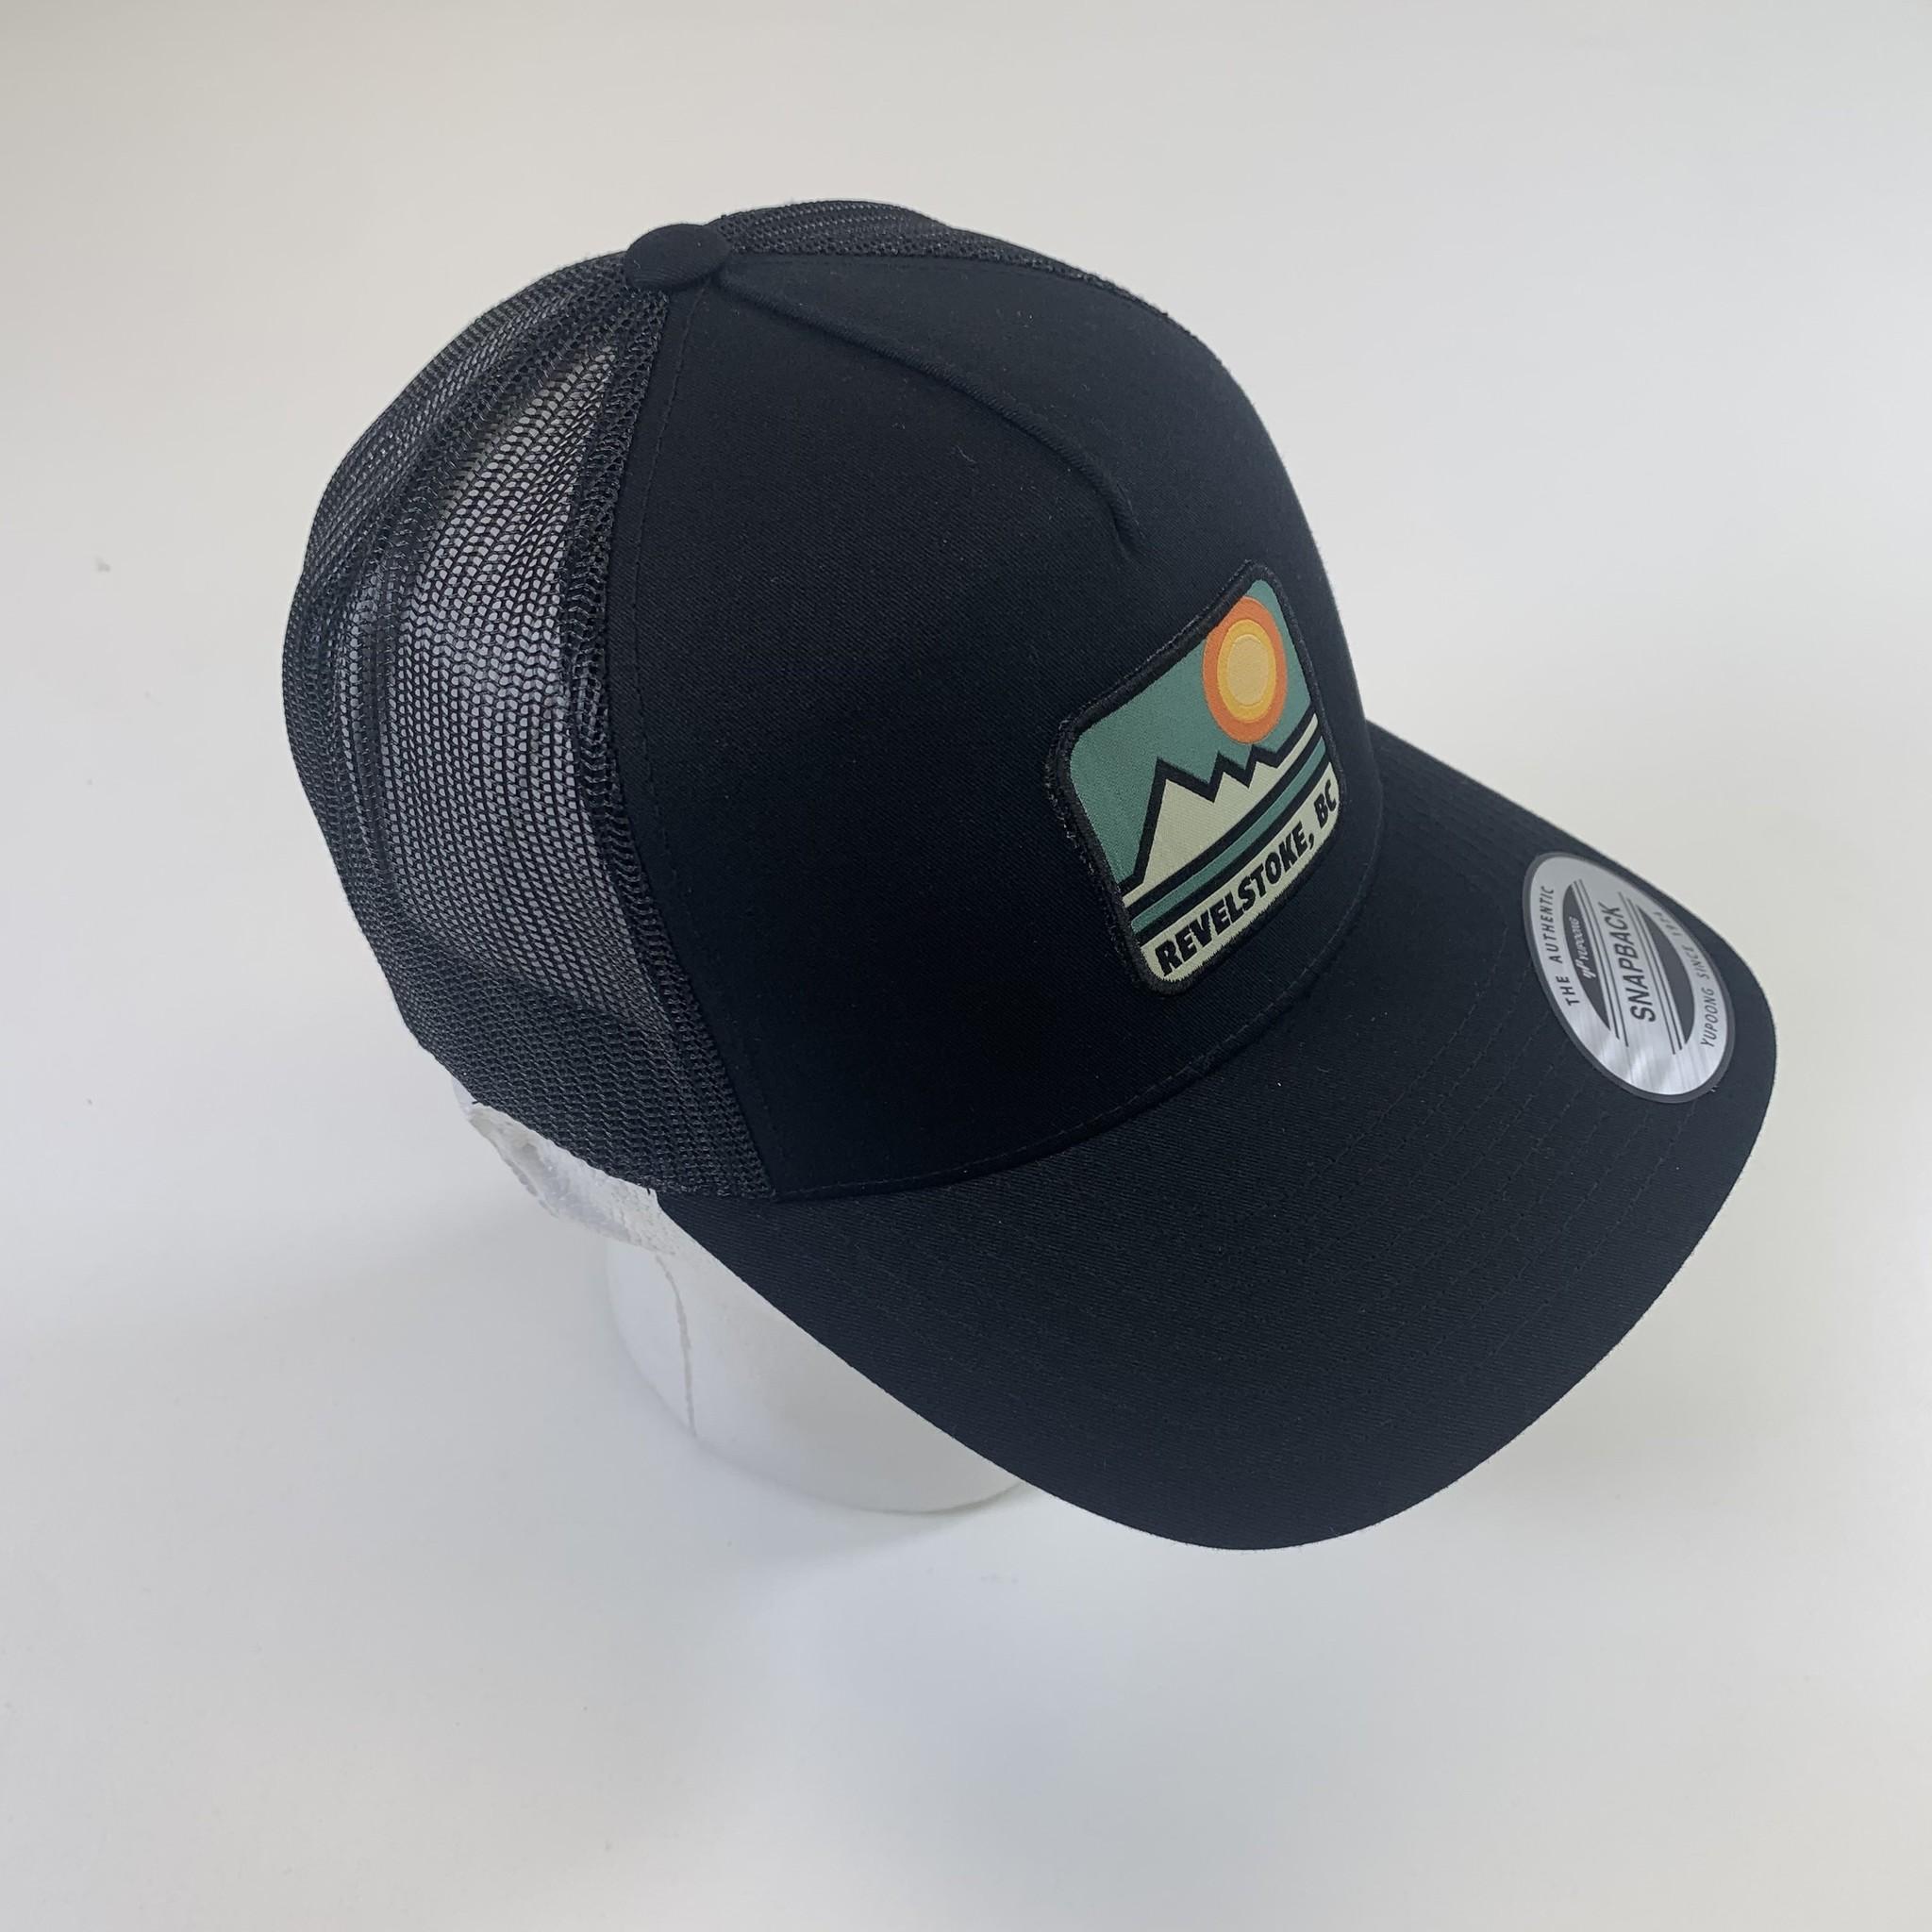 Revelstoke Trading Post Revelstoke - Retro Patch Curve Trucker (Black)